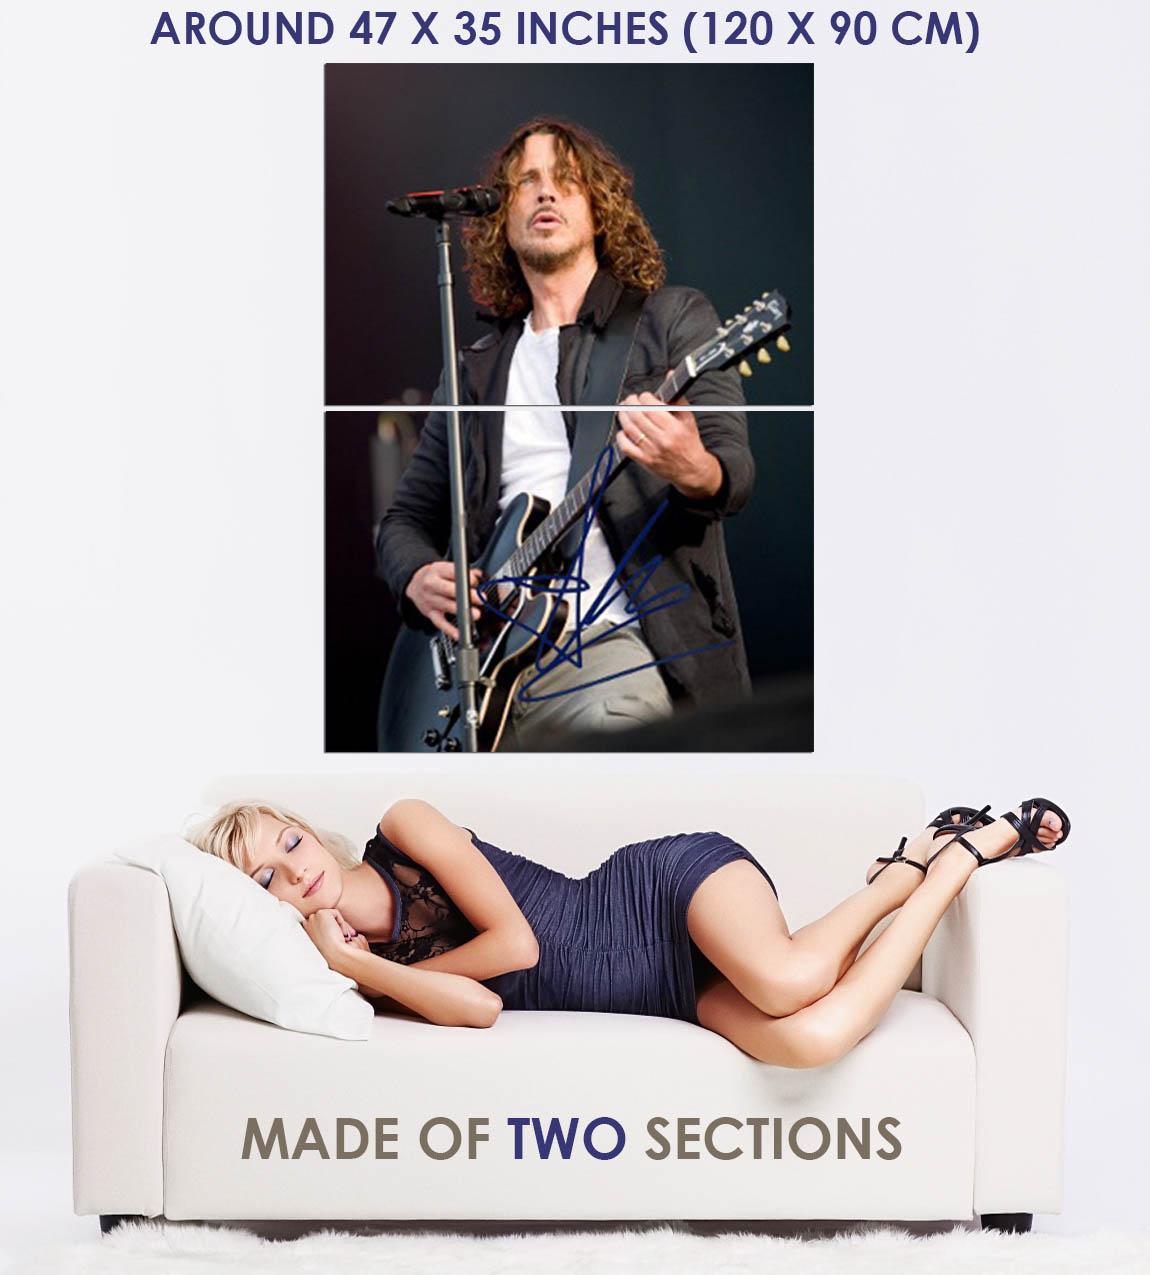 183067 Chris Cornell Soundgarden Signed Decor WALL PRINT POSTER FR